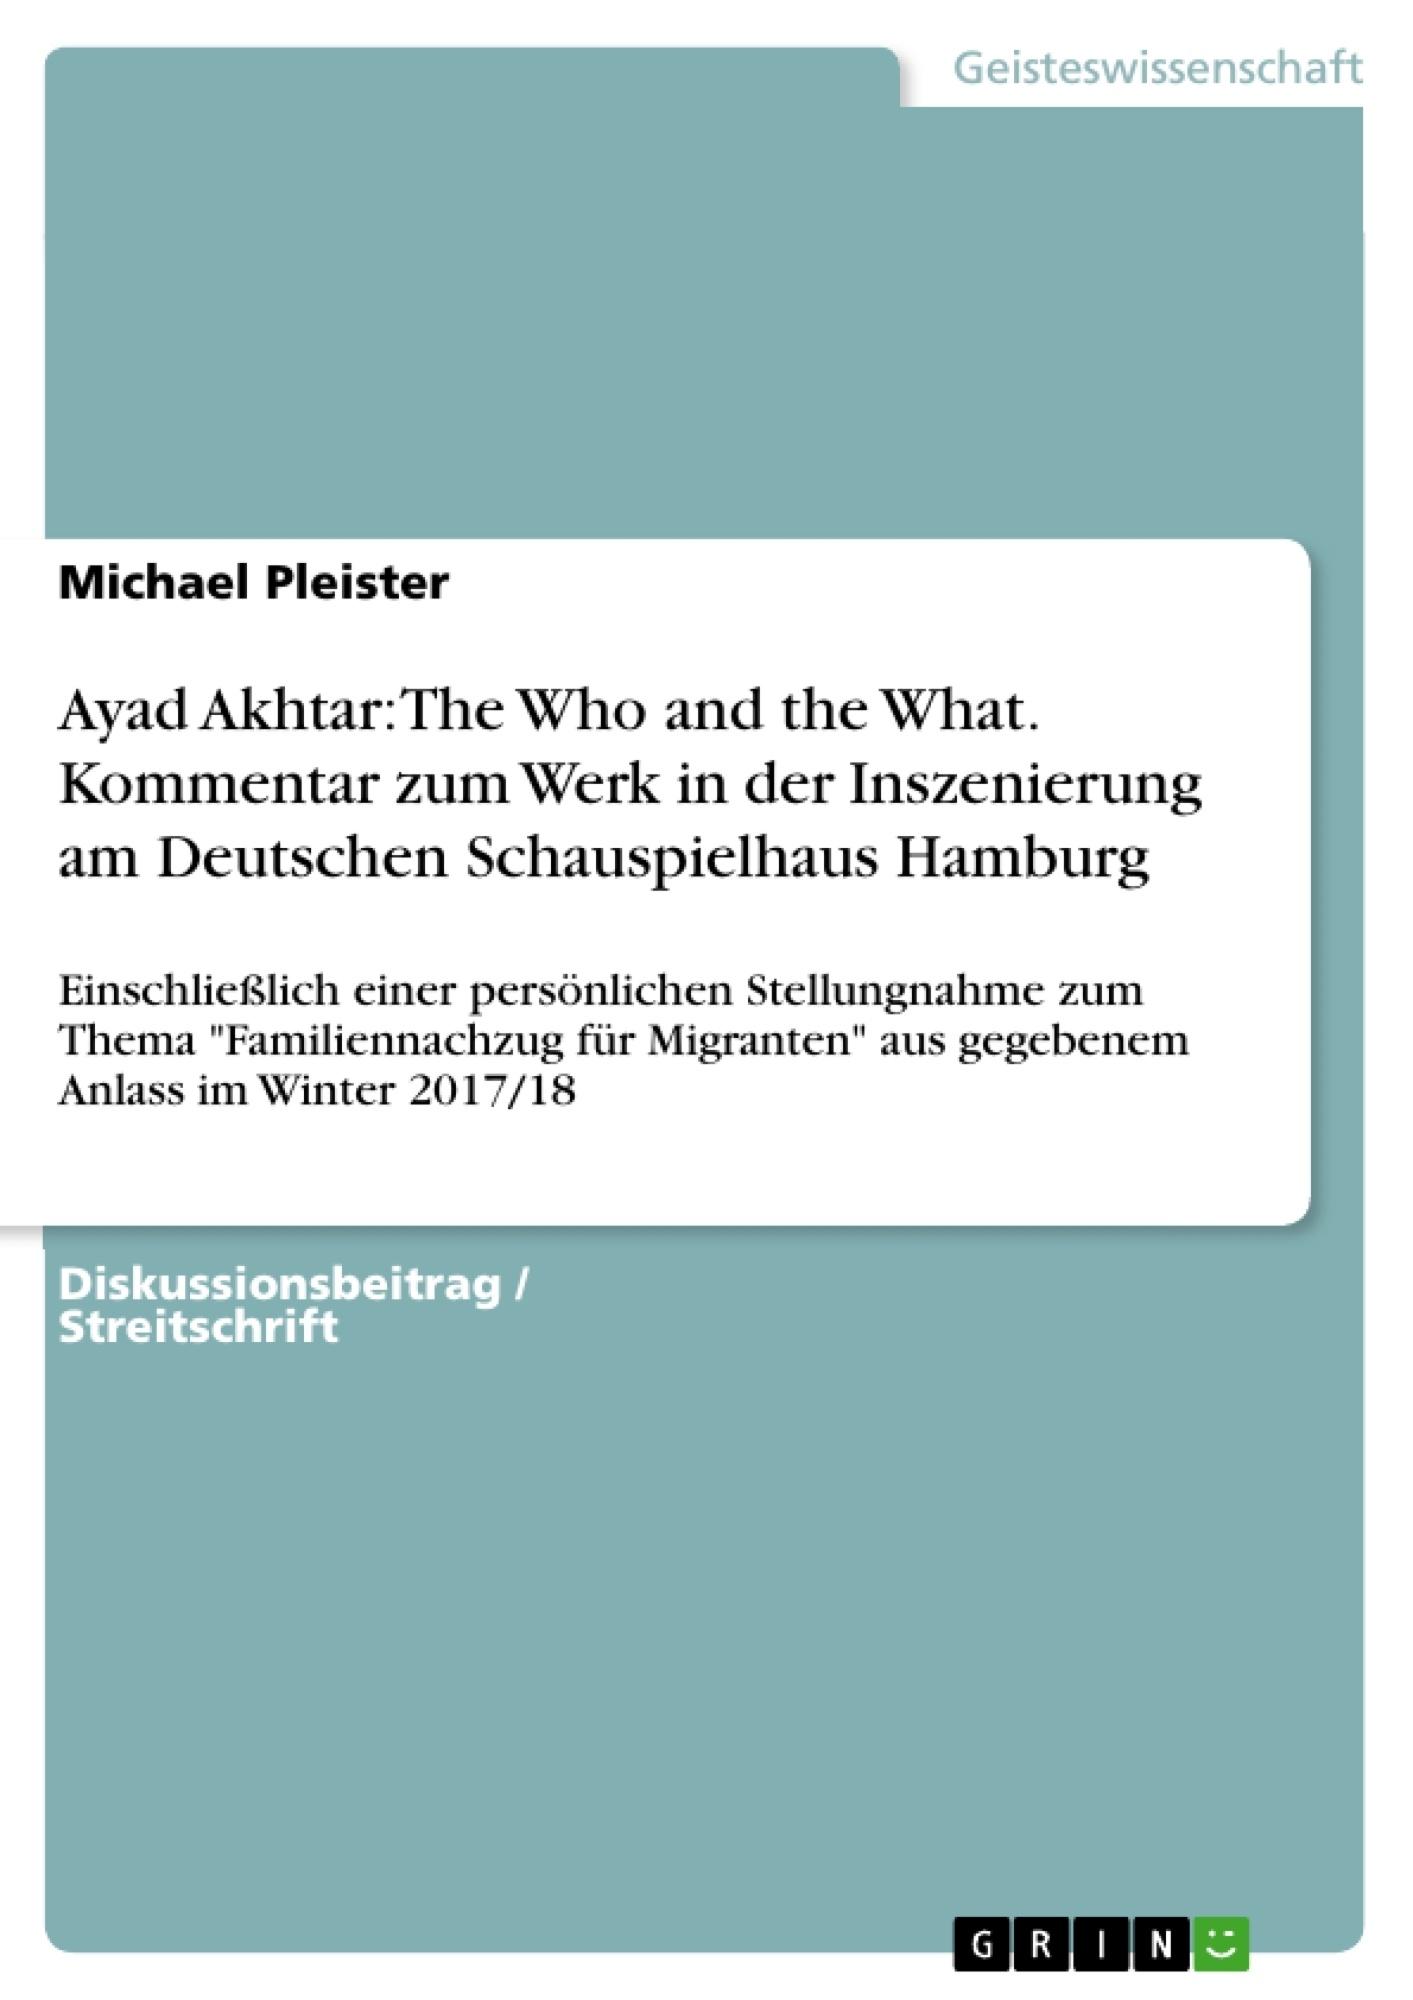 Titel: Ayad Akhtar: The Who and the What. Kommentar zum Werk in der Inszenierung am Deutschen Schauspielhaus Hamburg